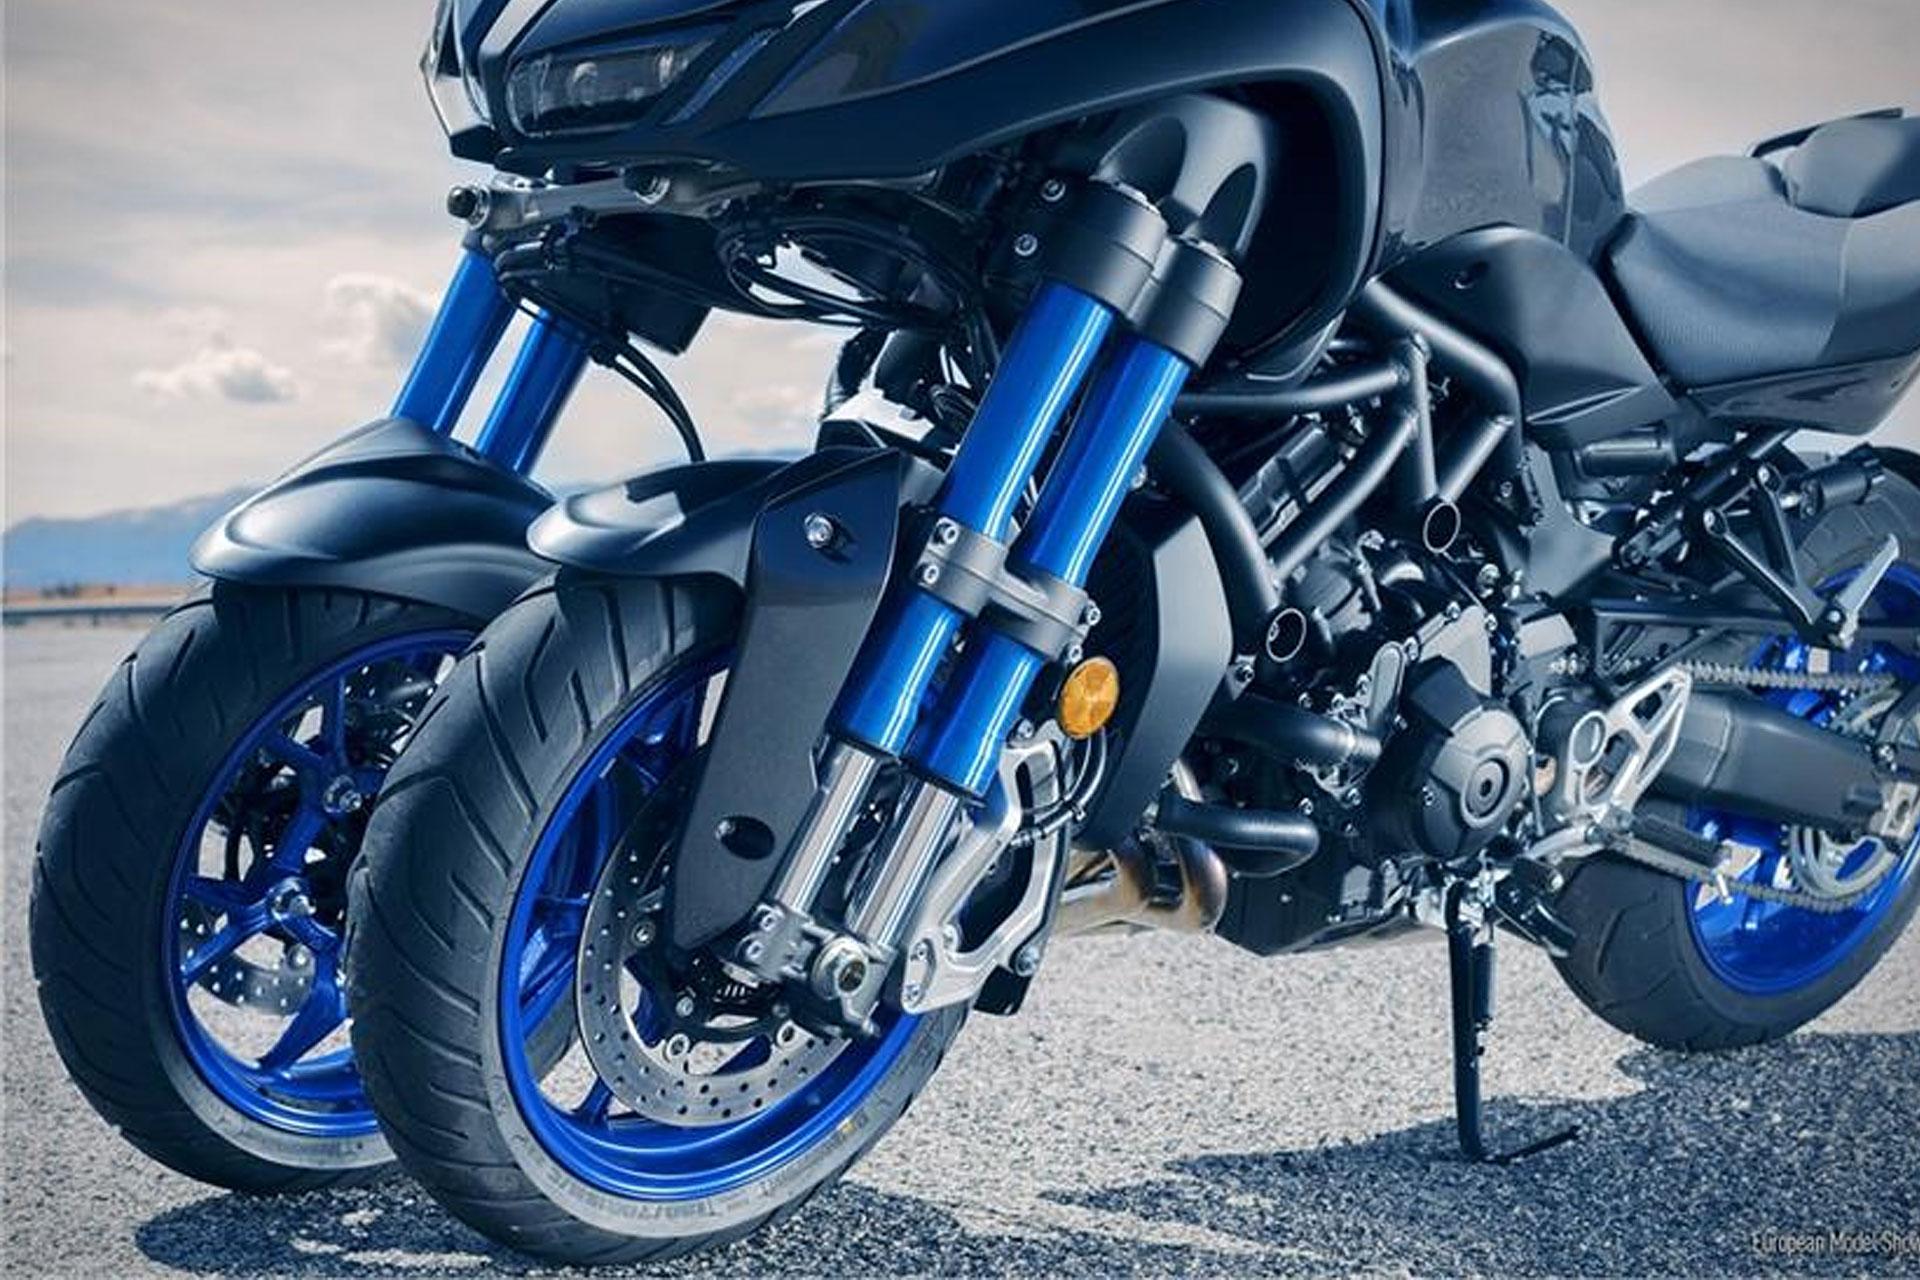 yamaha motorcycles cycle world - HD4000×2667